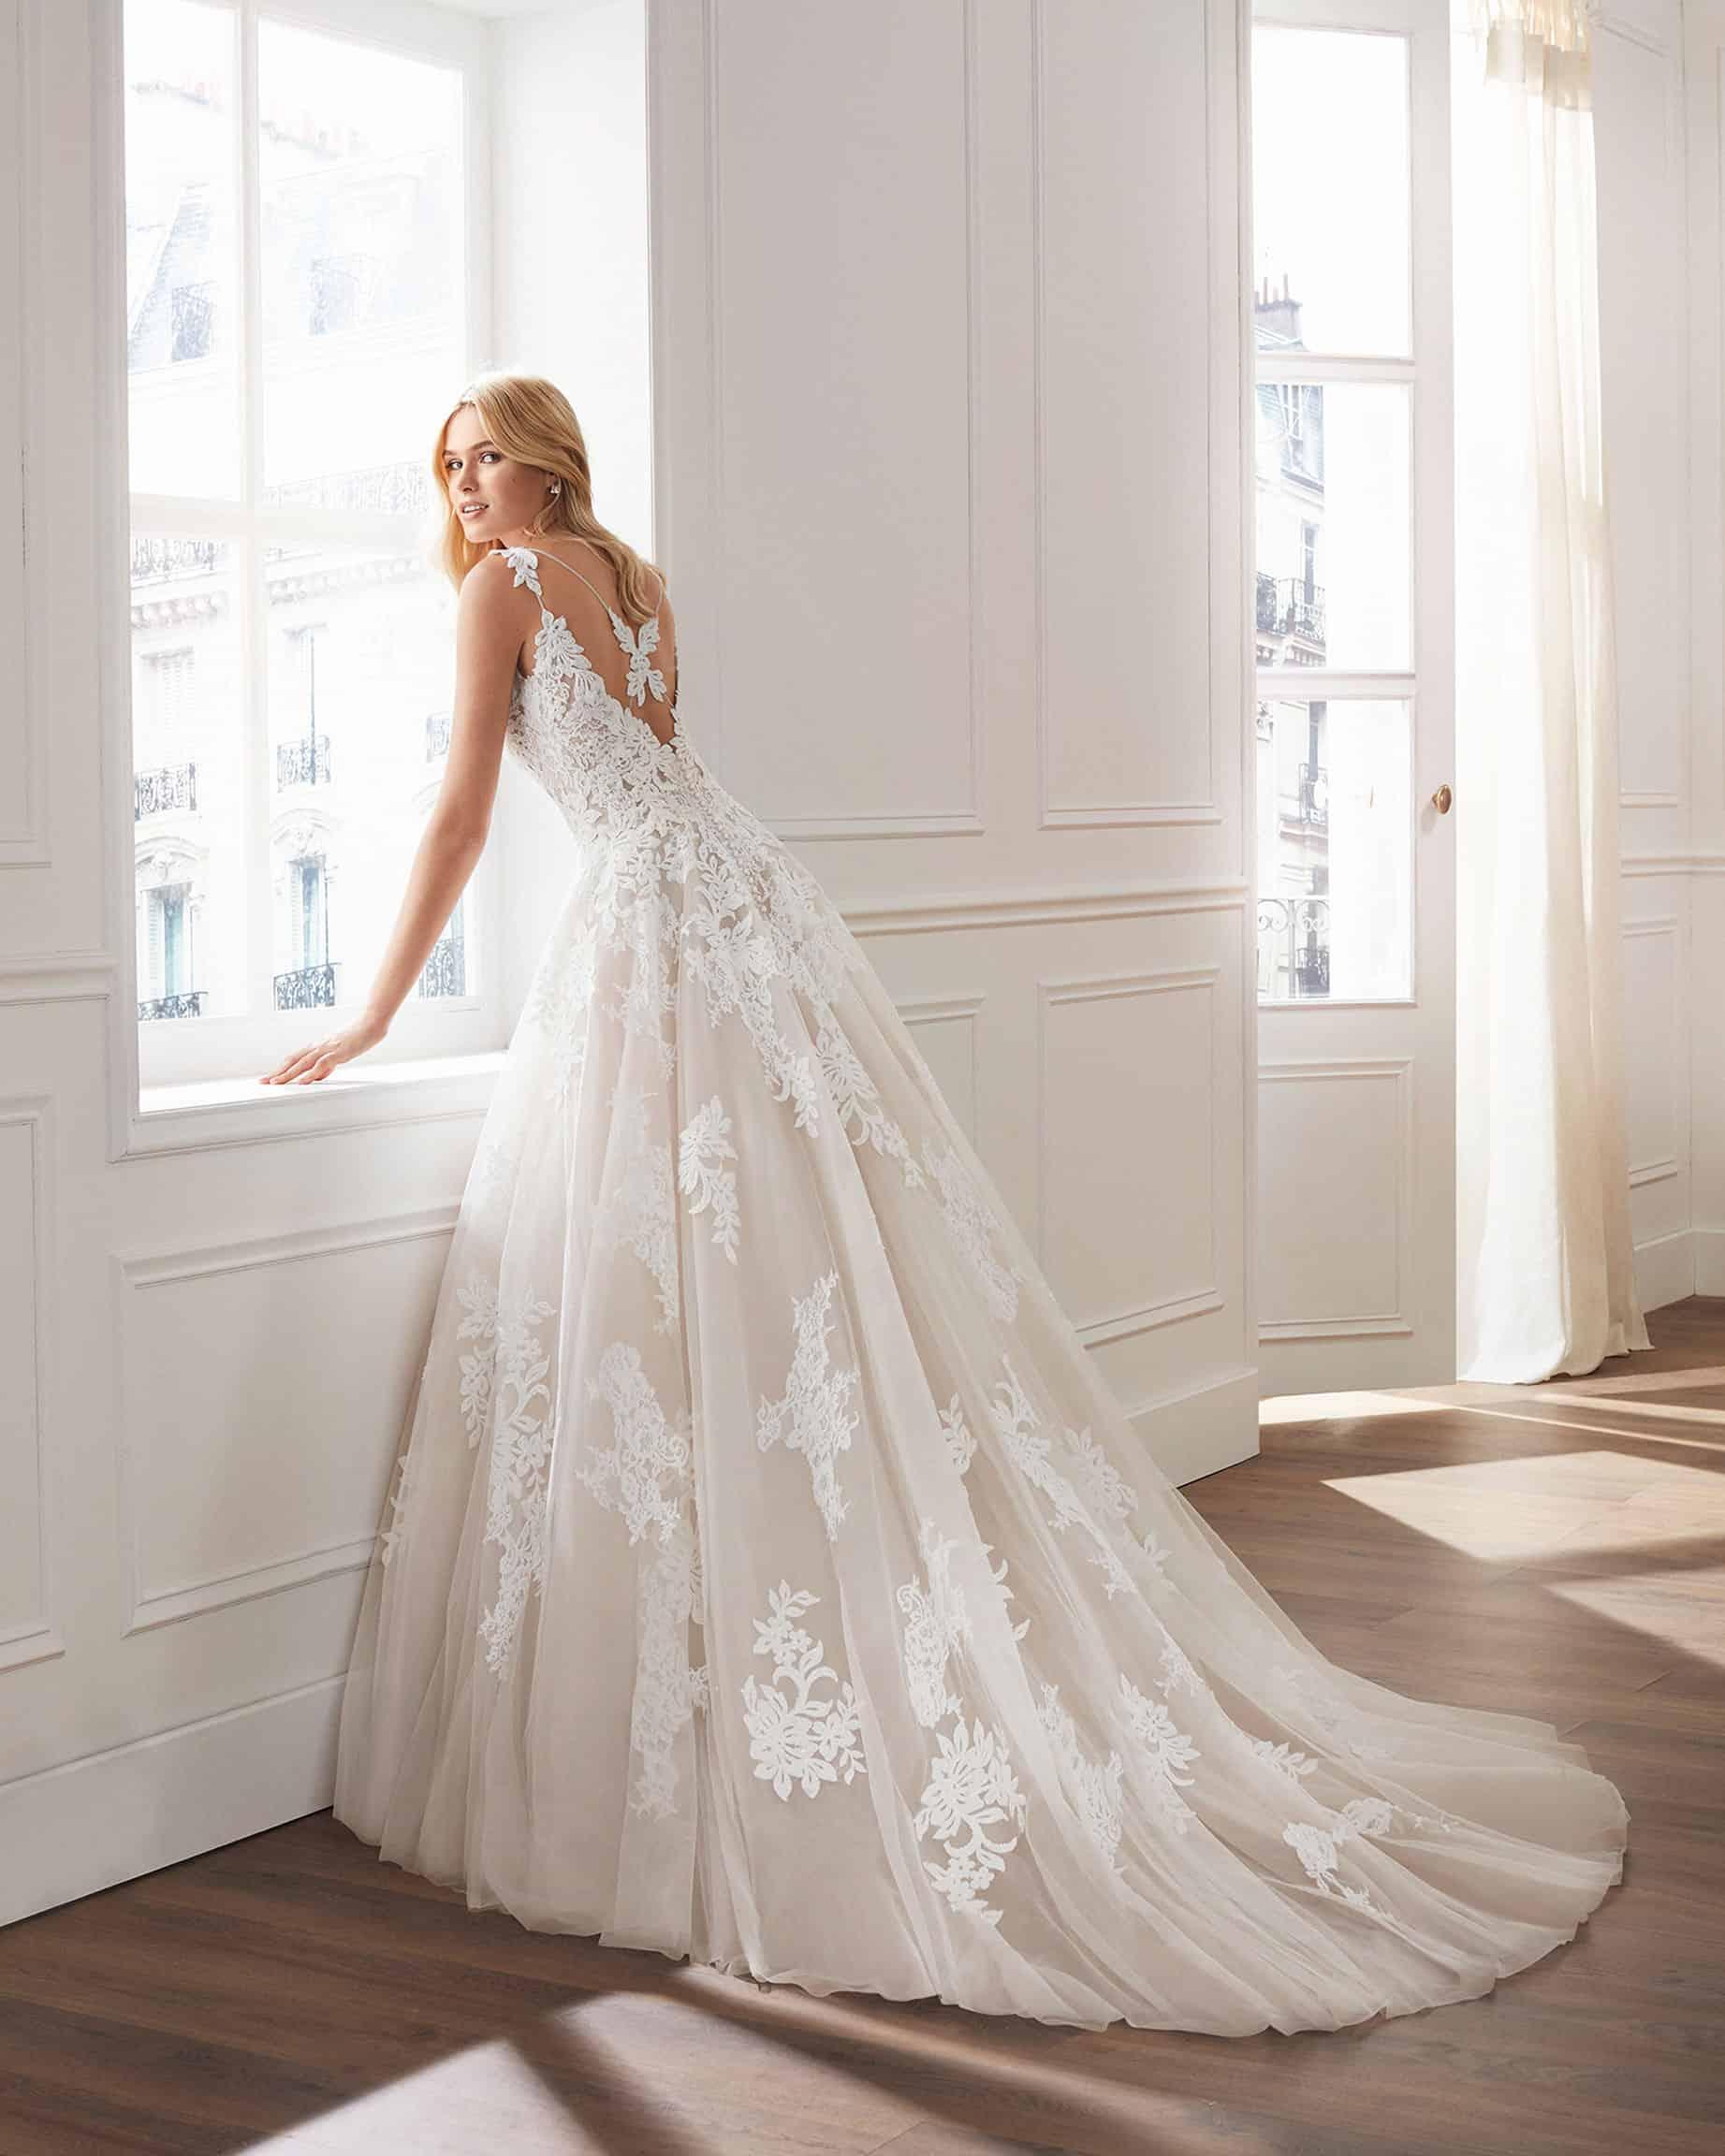 Luna Novias Verti   Prinzessinnen Brautkleid   Hochzeitskleid A-Linie   Brautmode Köln Anna Moda   B